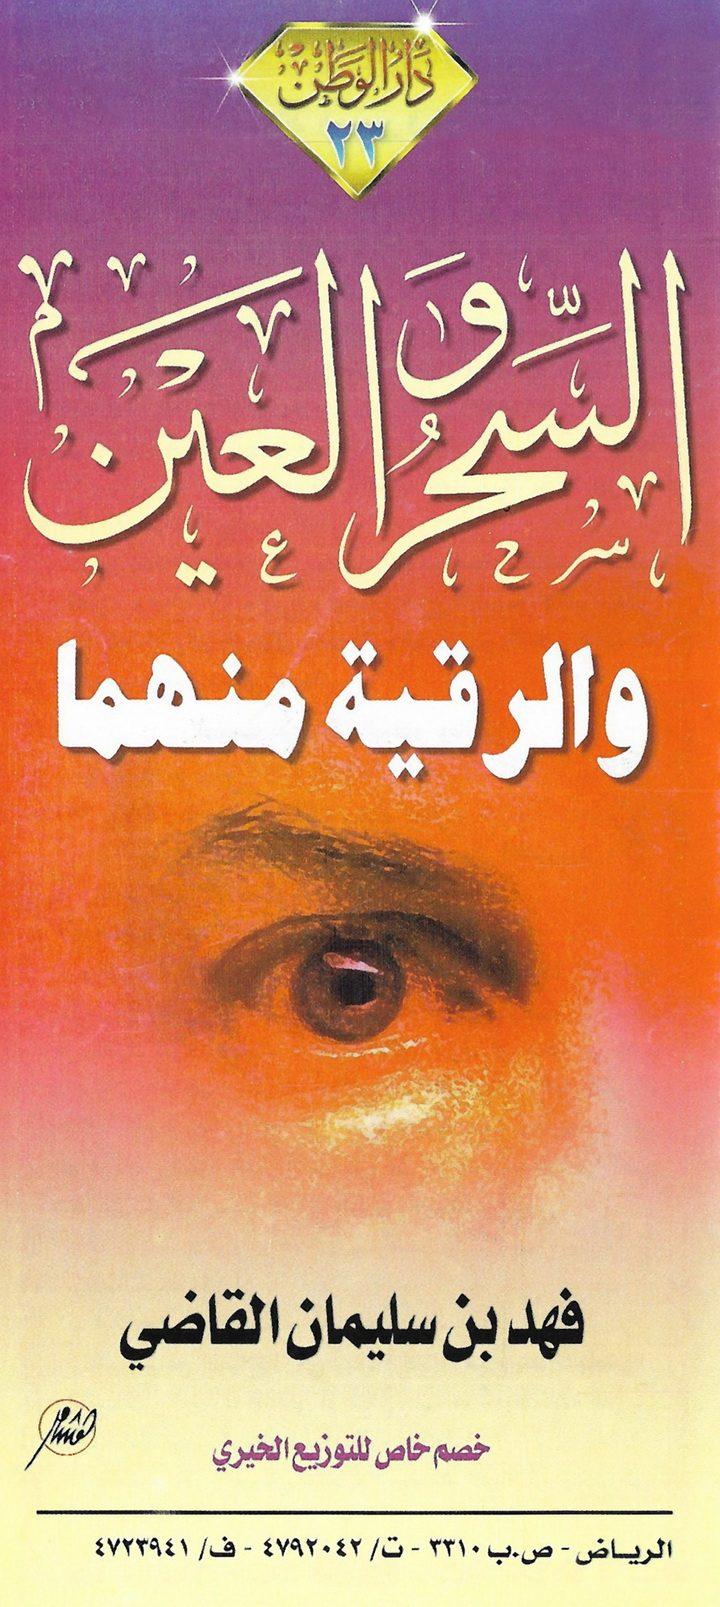 السحر والعين والرقية منهما (فهد بن سلمان القاضي – دار الوطن)